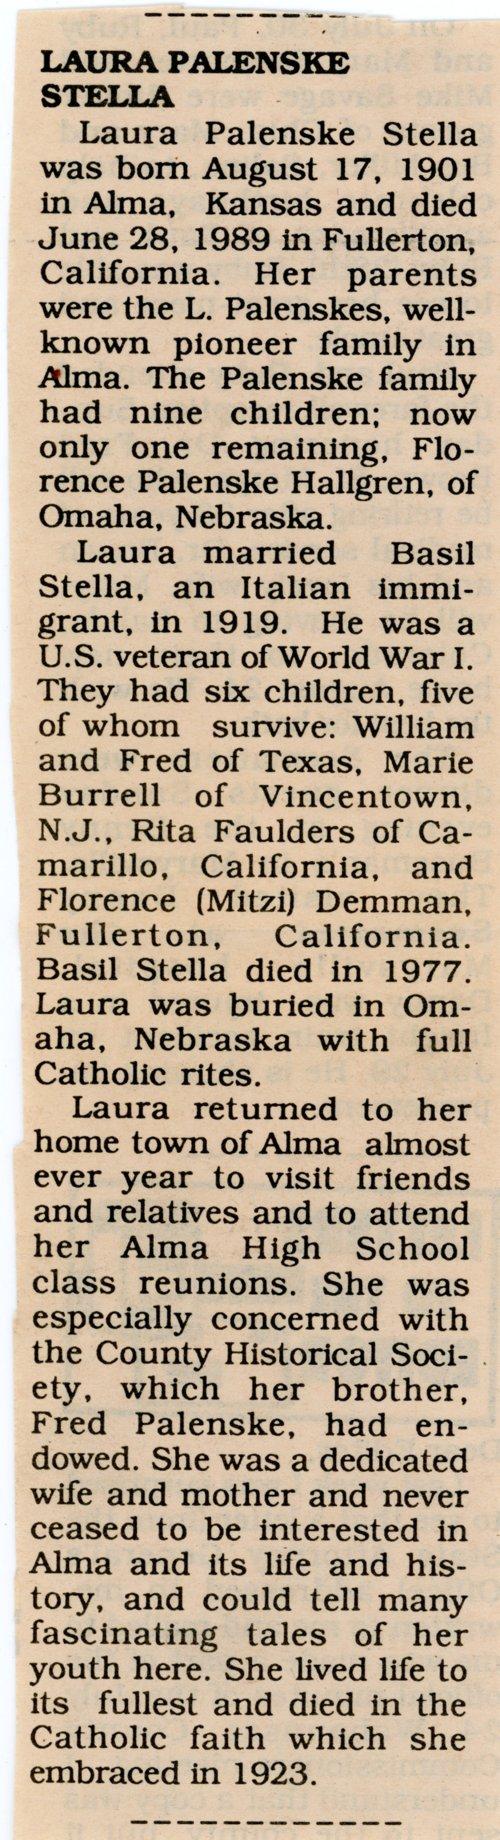 Obituary for Laura Palenske Stella - Page